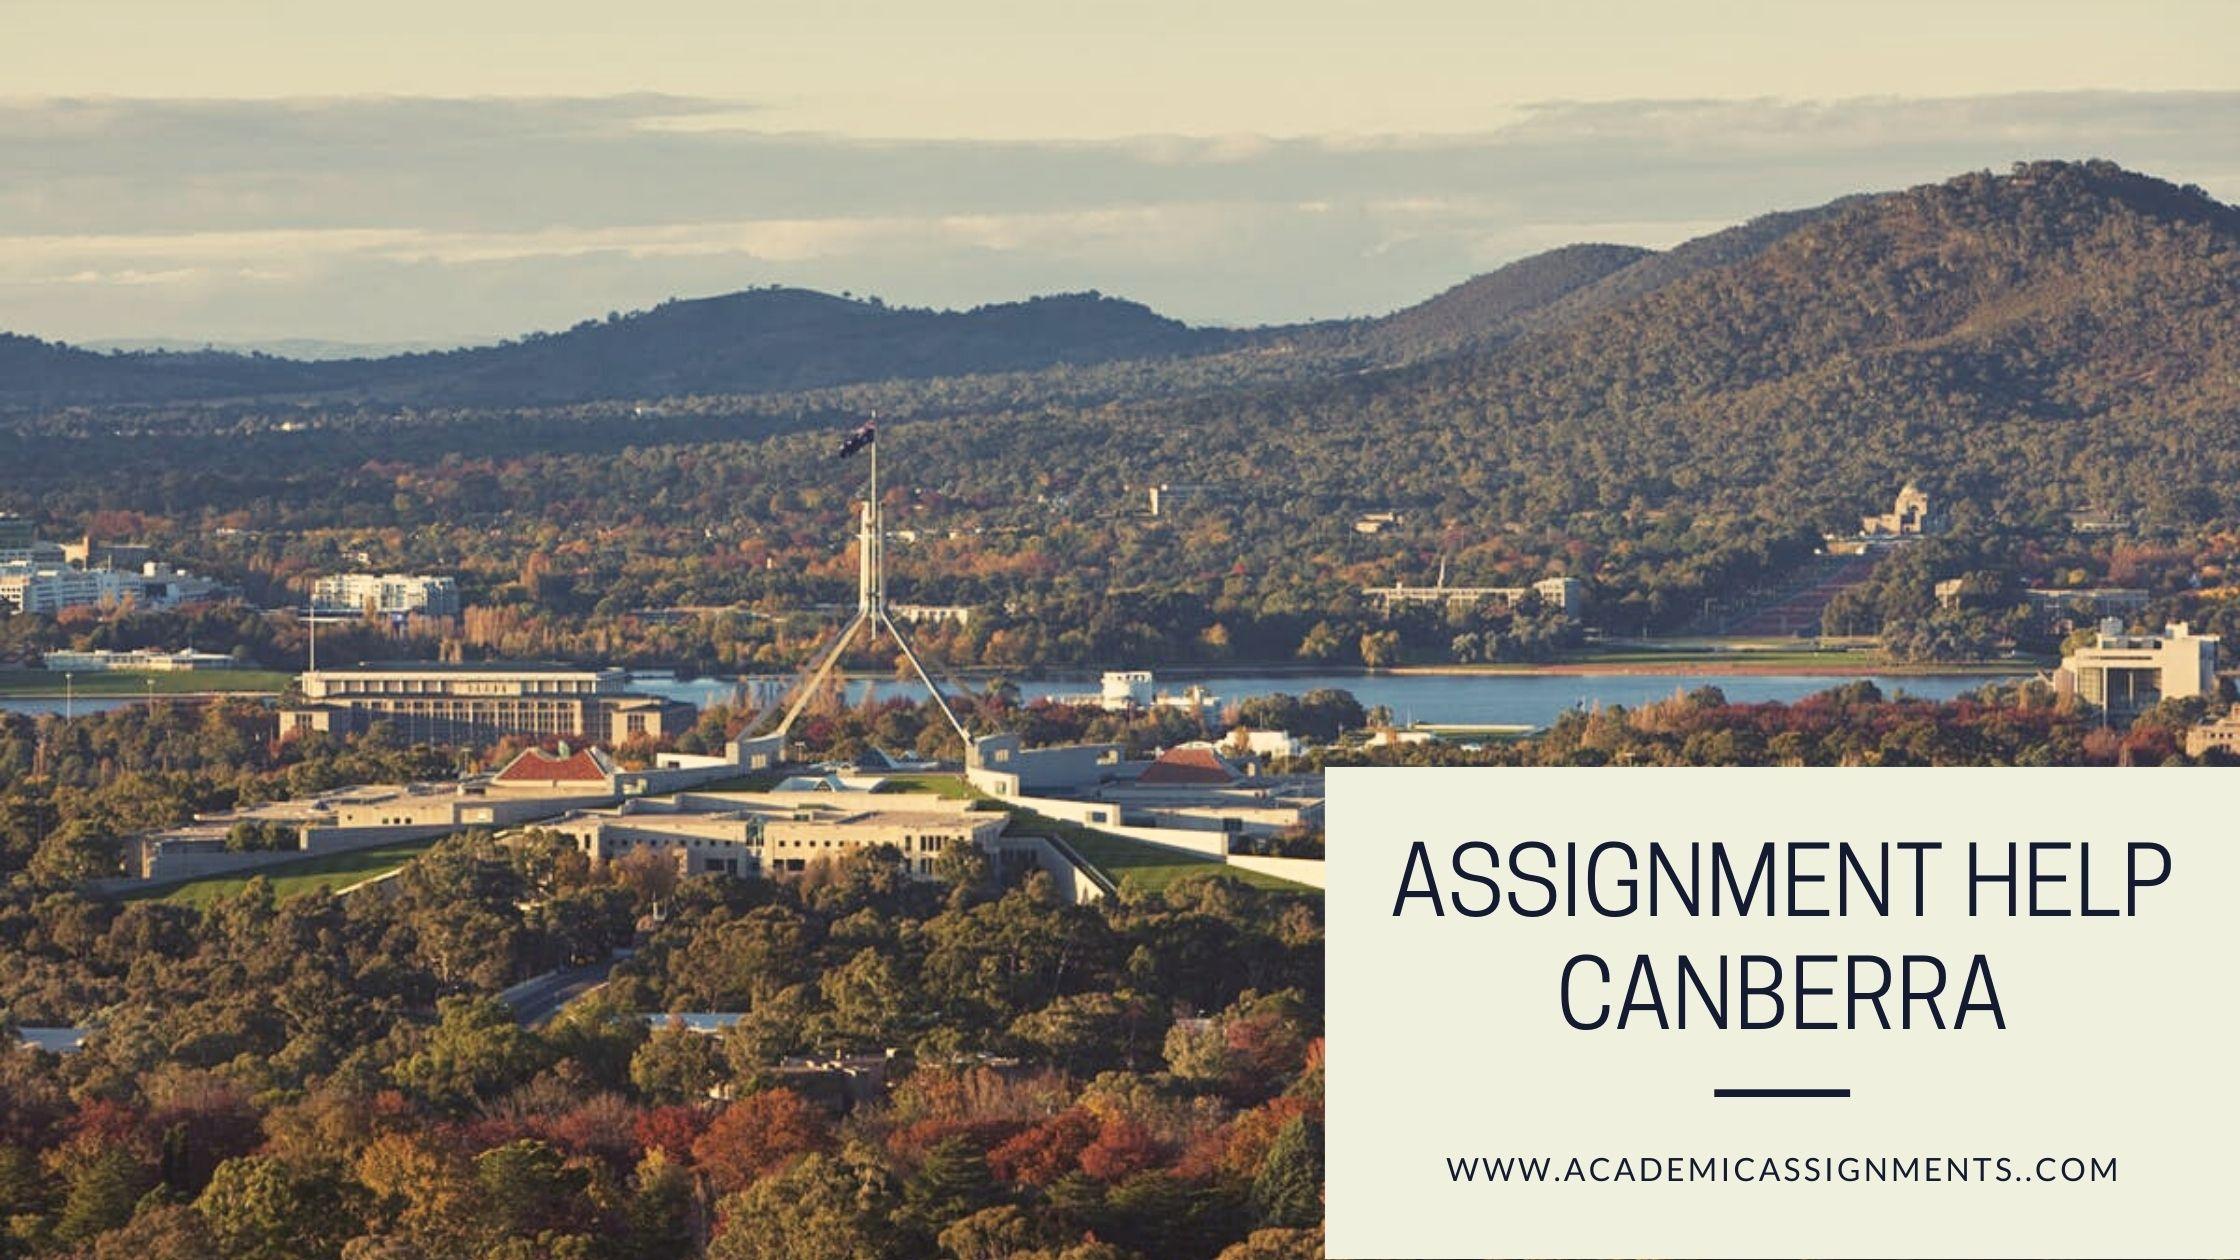 Assignment Help Canberra